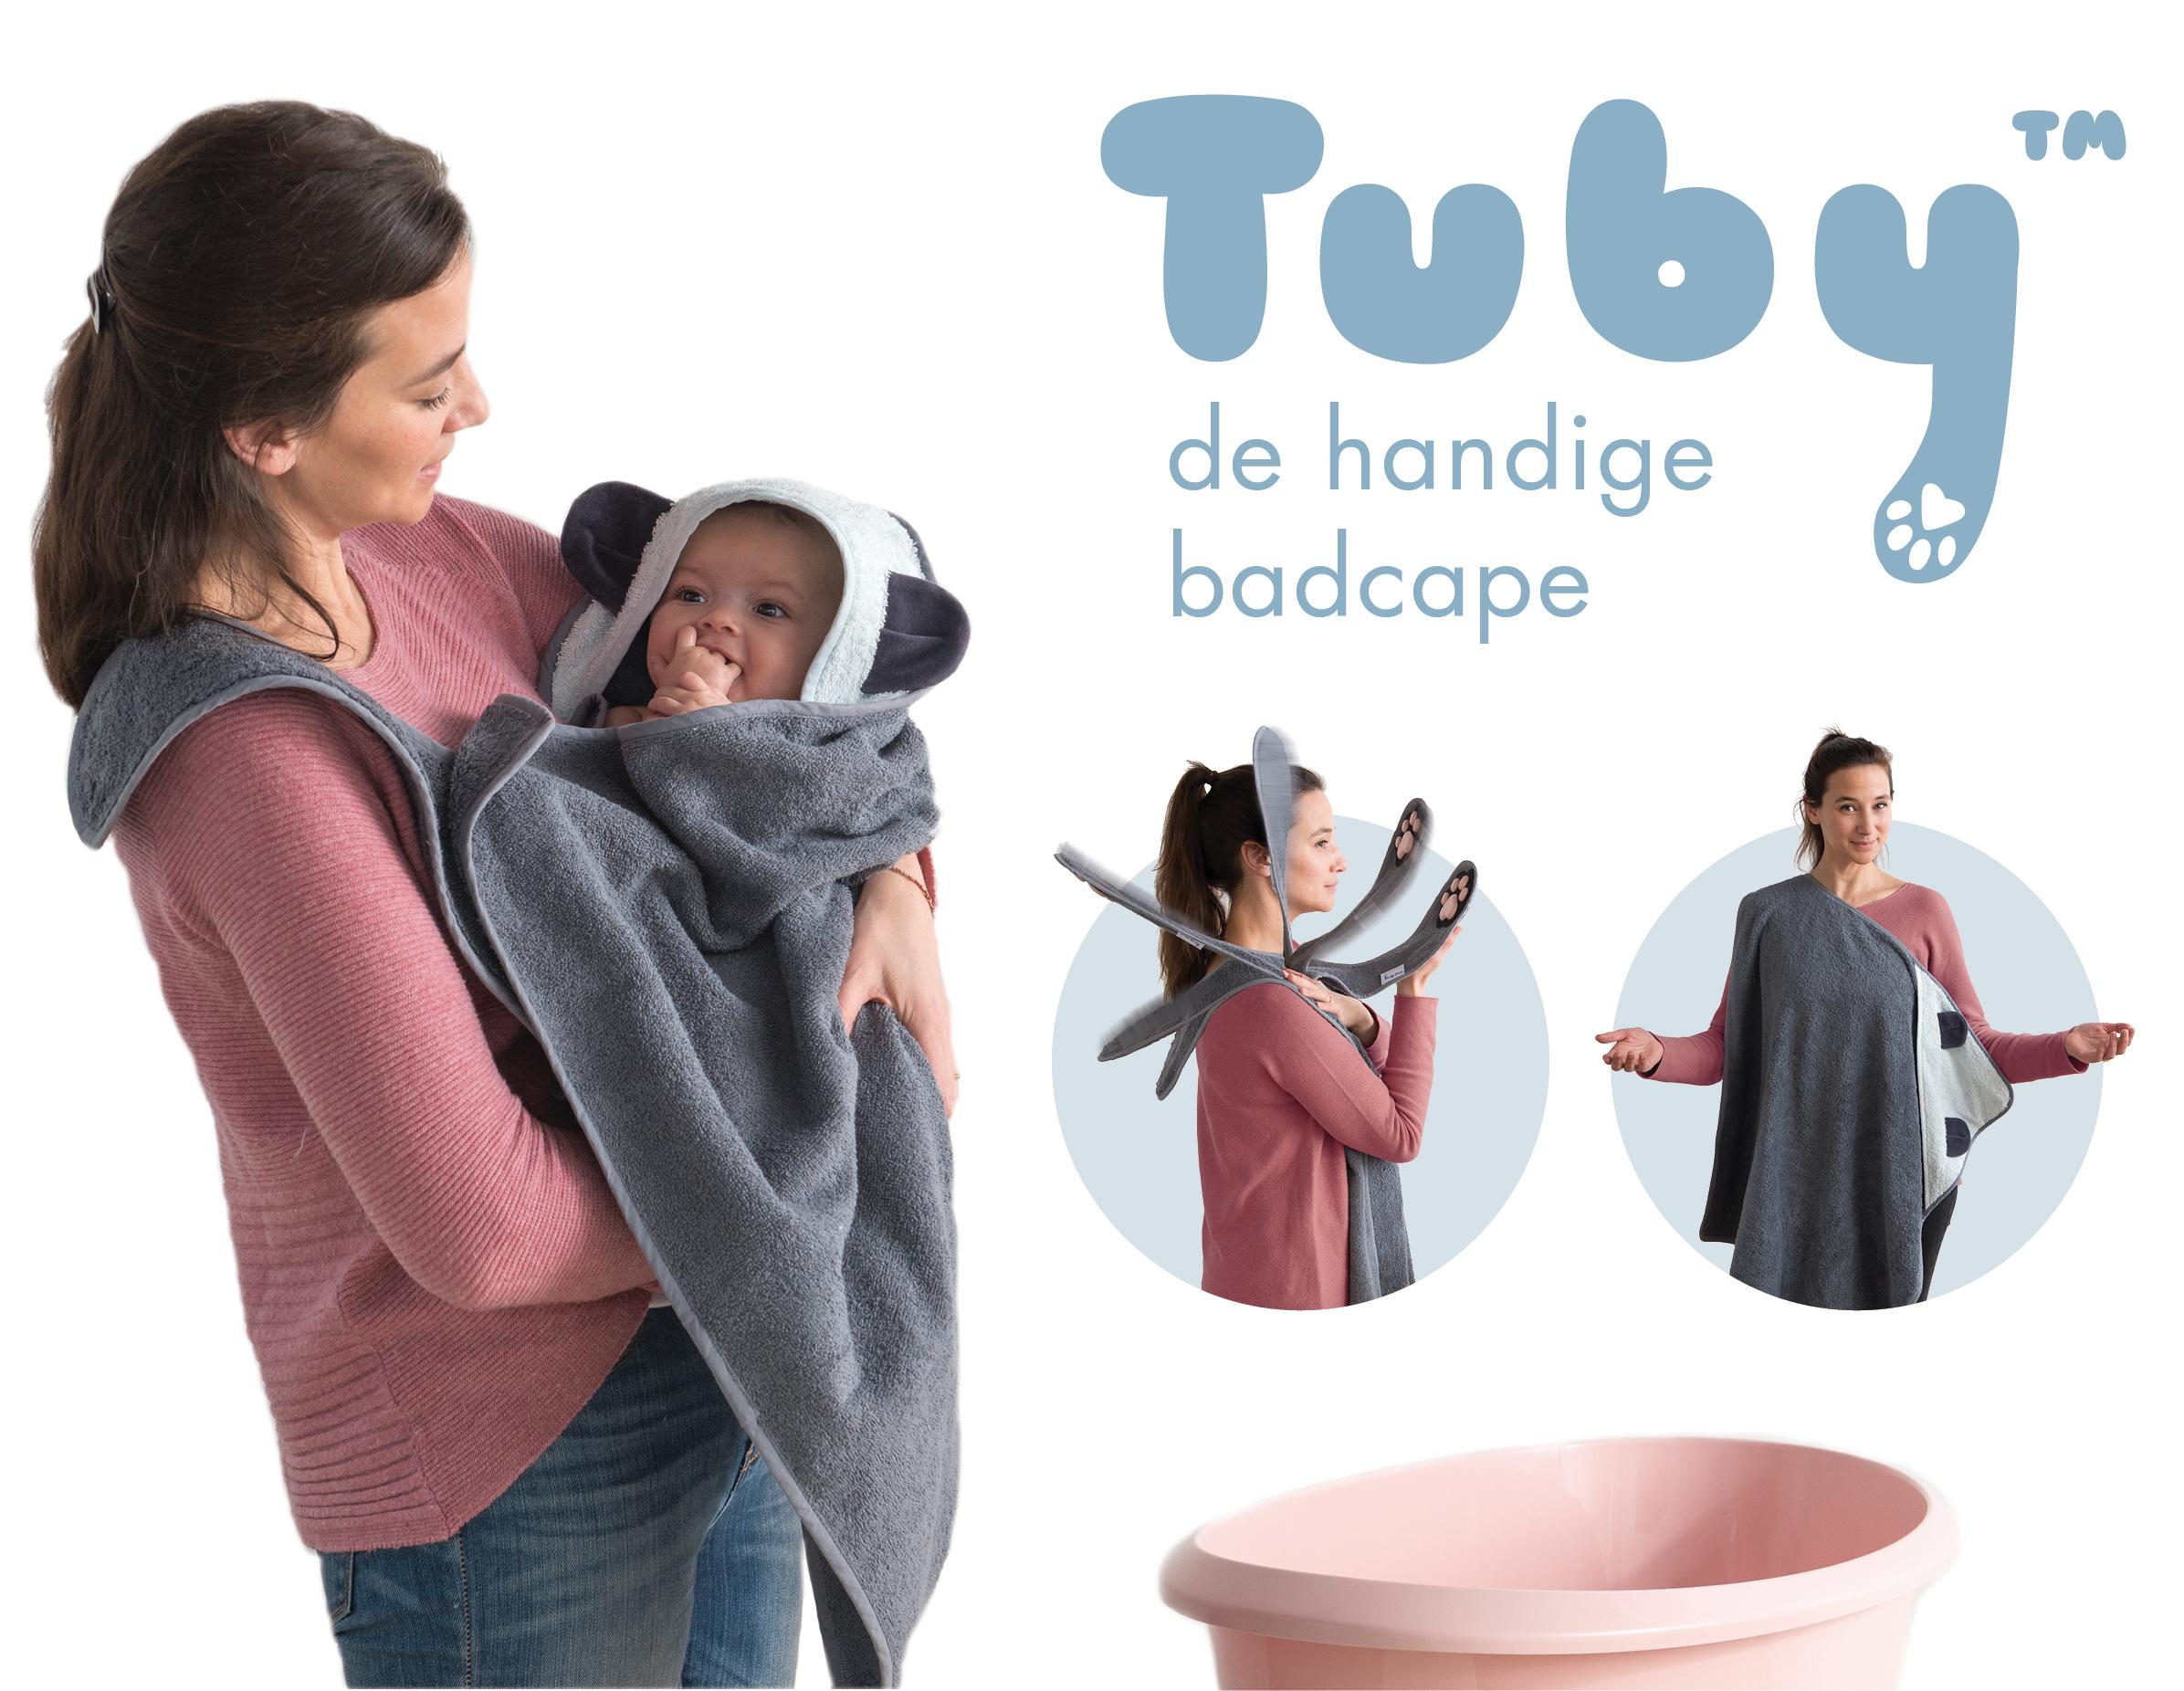 batboy, mamablog, badcape, tuby